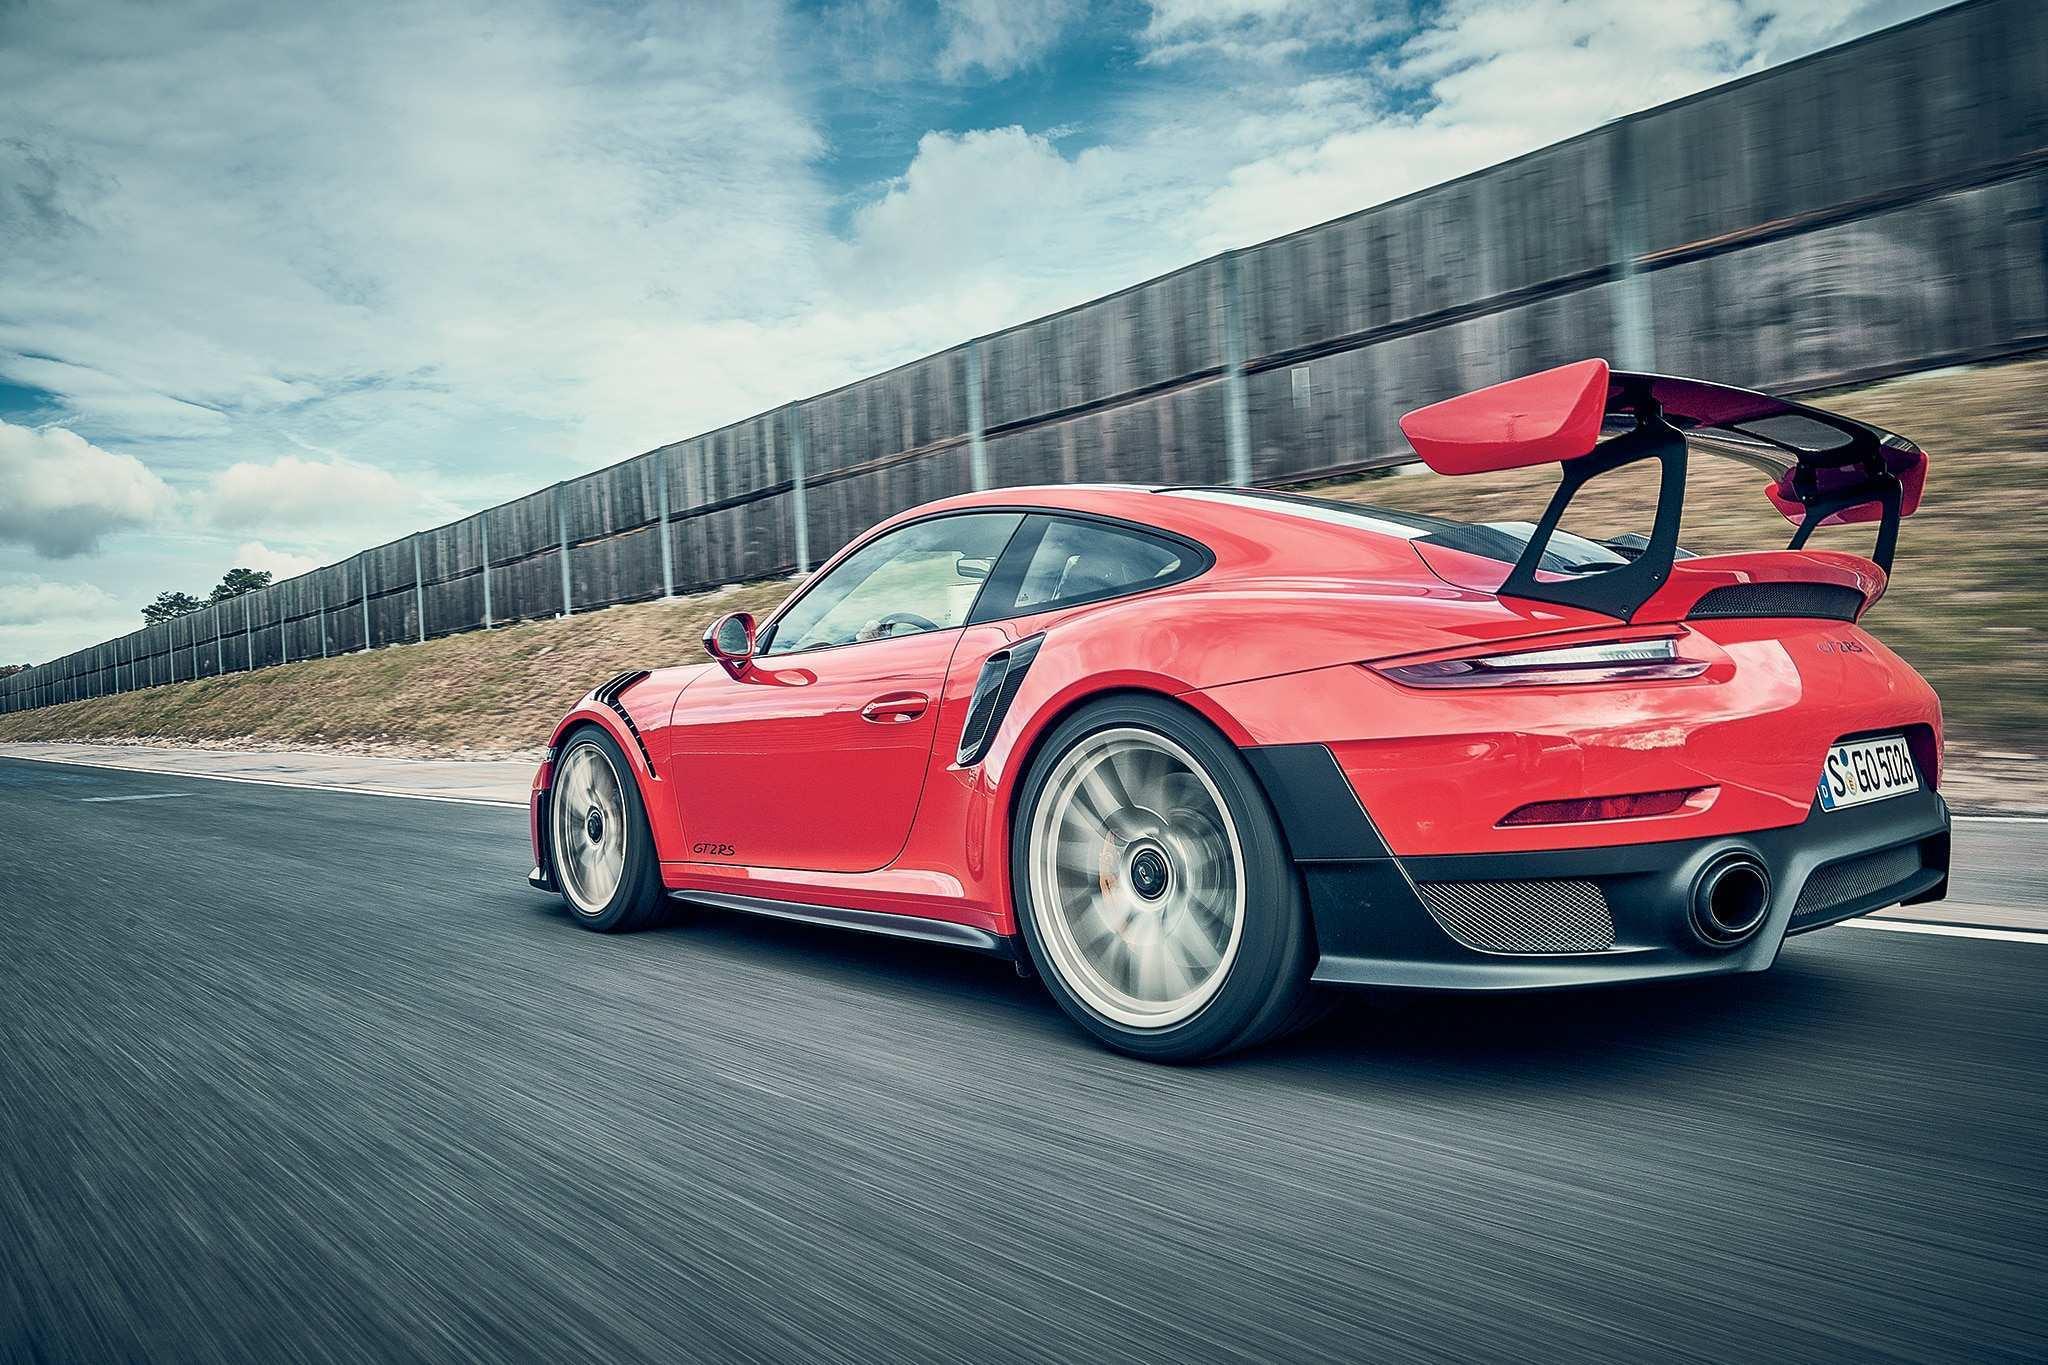 85 New 2019 Porsche Gt2 Rs Overview by 2019 Porsche Gt2 Rs